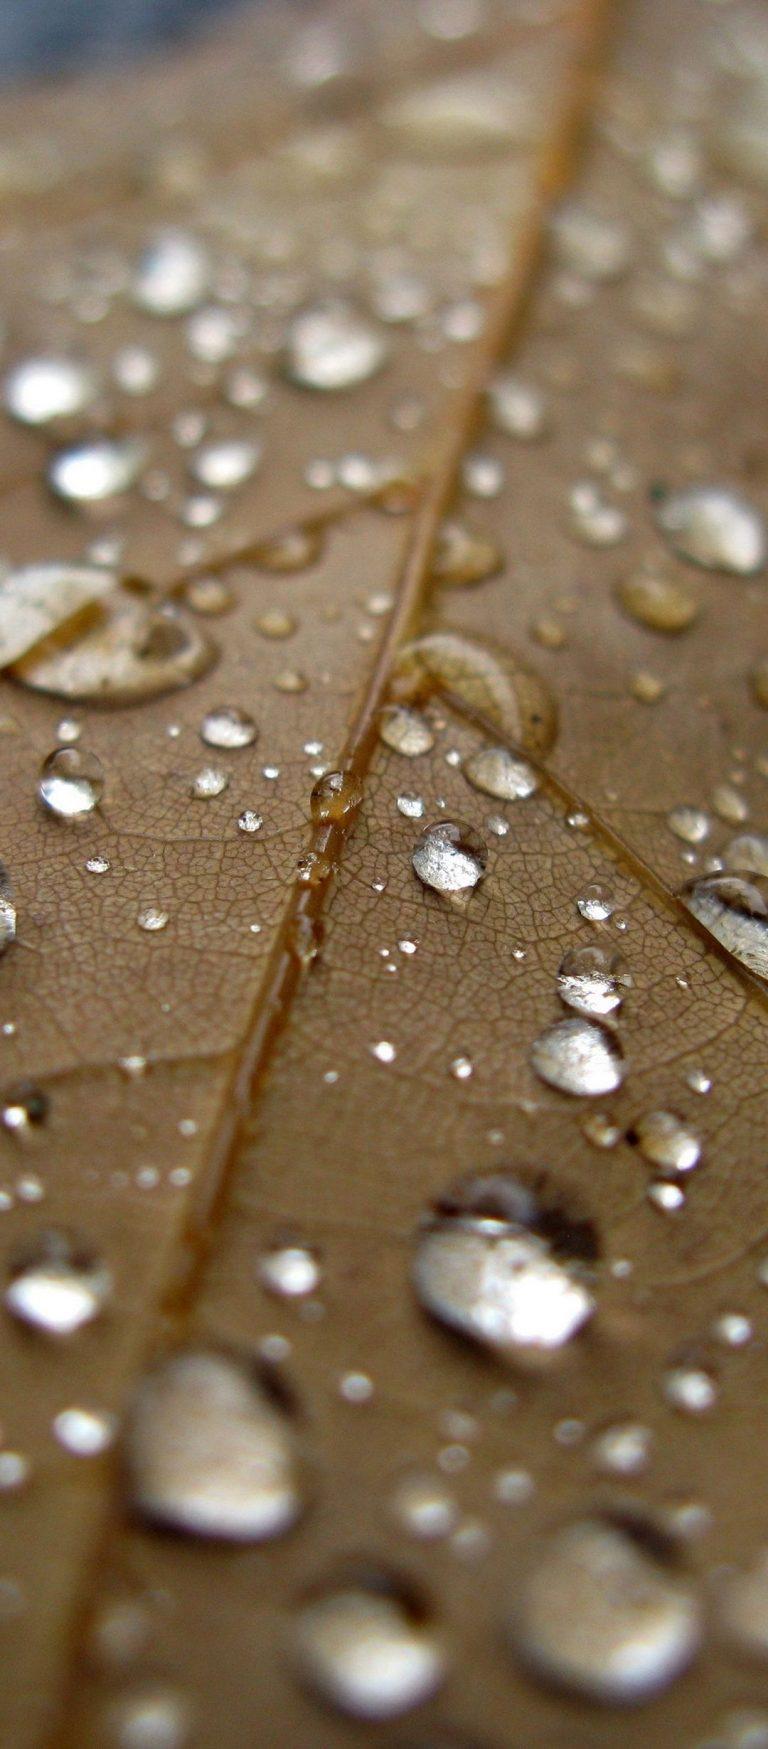 Sheet Drop Close Up Brown 1080x2460 768x1749